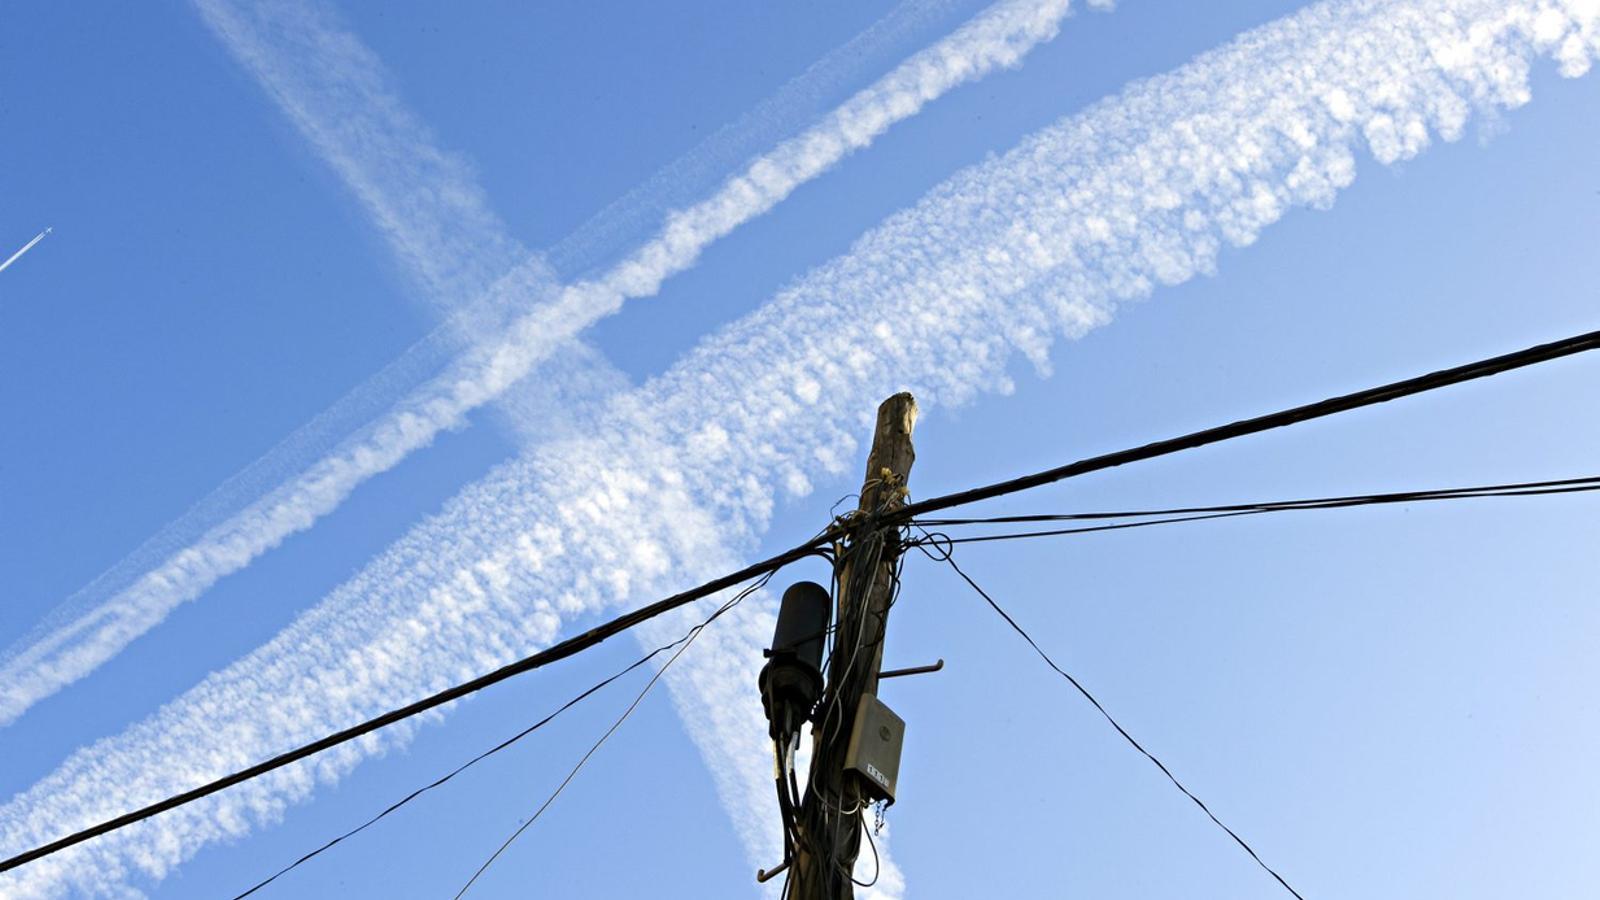 El costat negatiu de volar tant: la contaminació